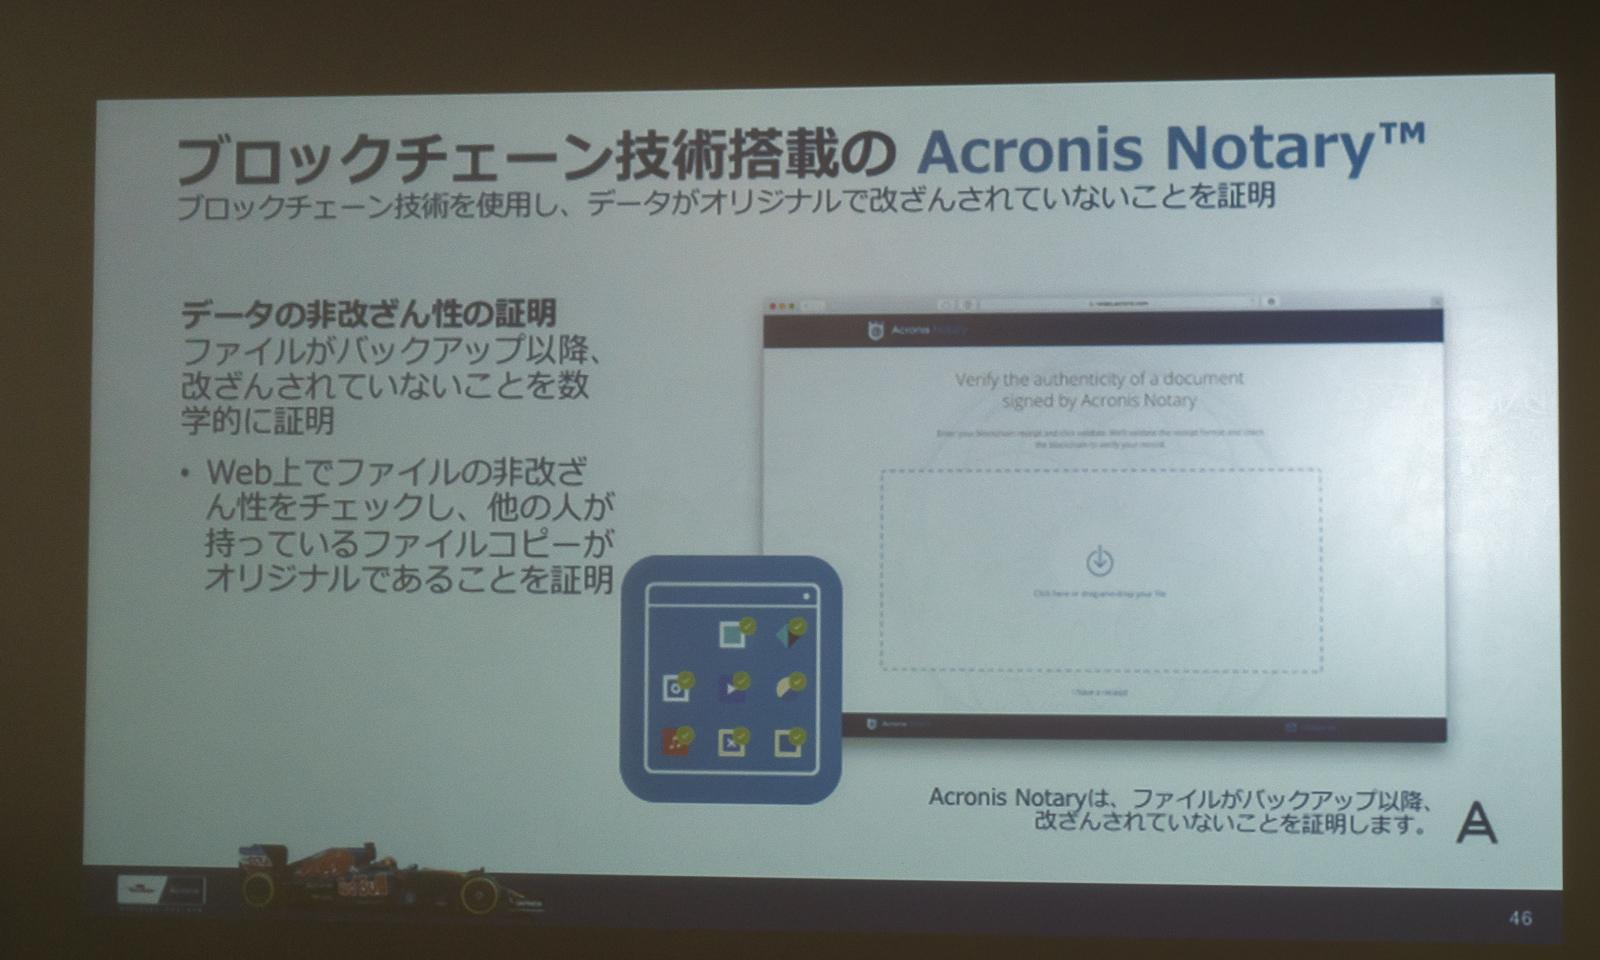 ブロックチェーン技術を使った改ざんを検証するAcronis Notary